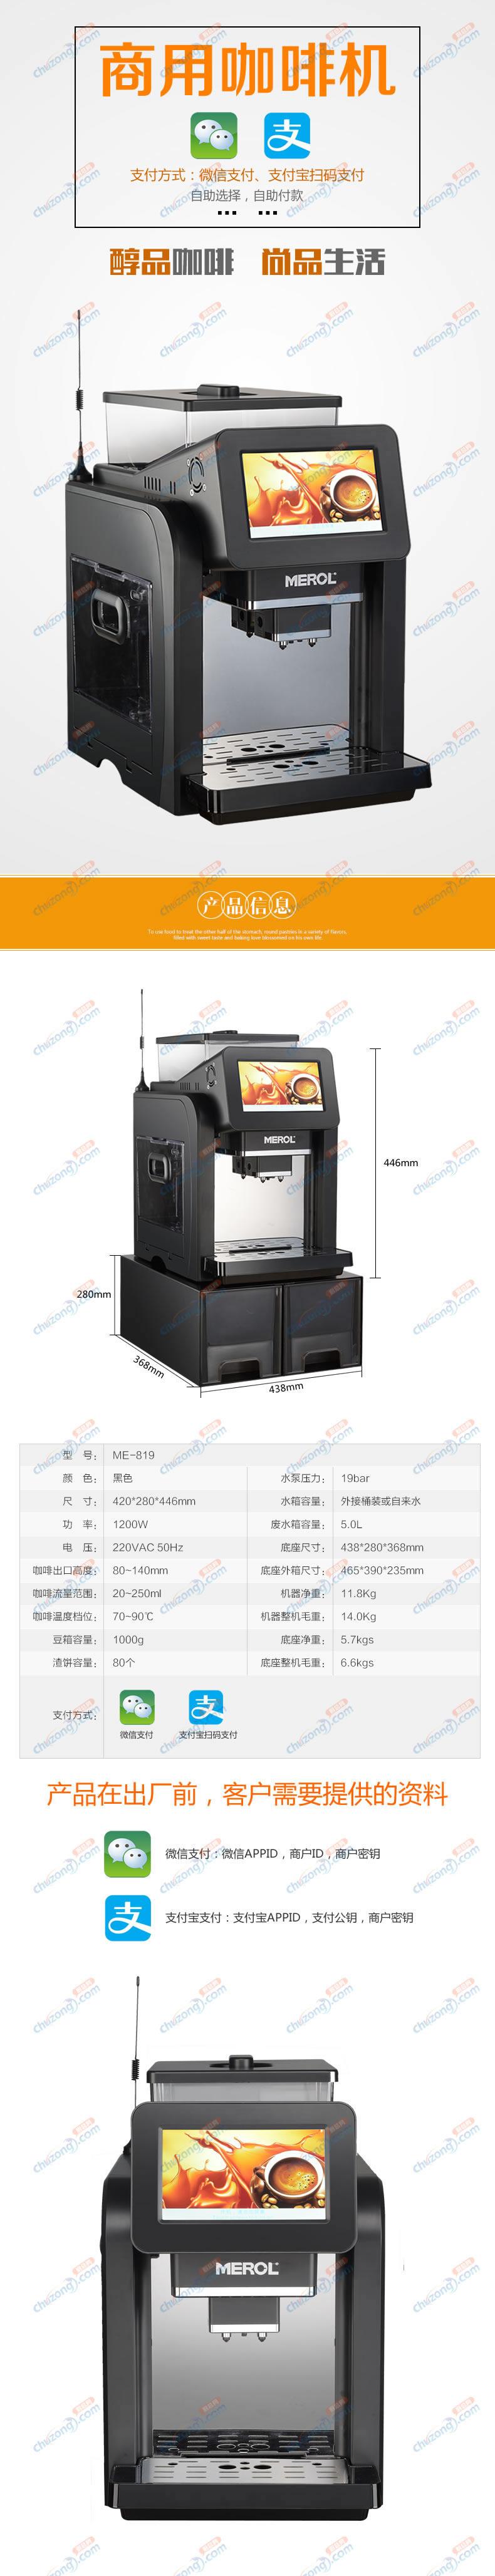 美宜儂全自動咖啡機ME-819圖片